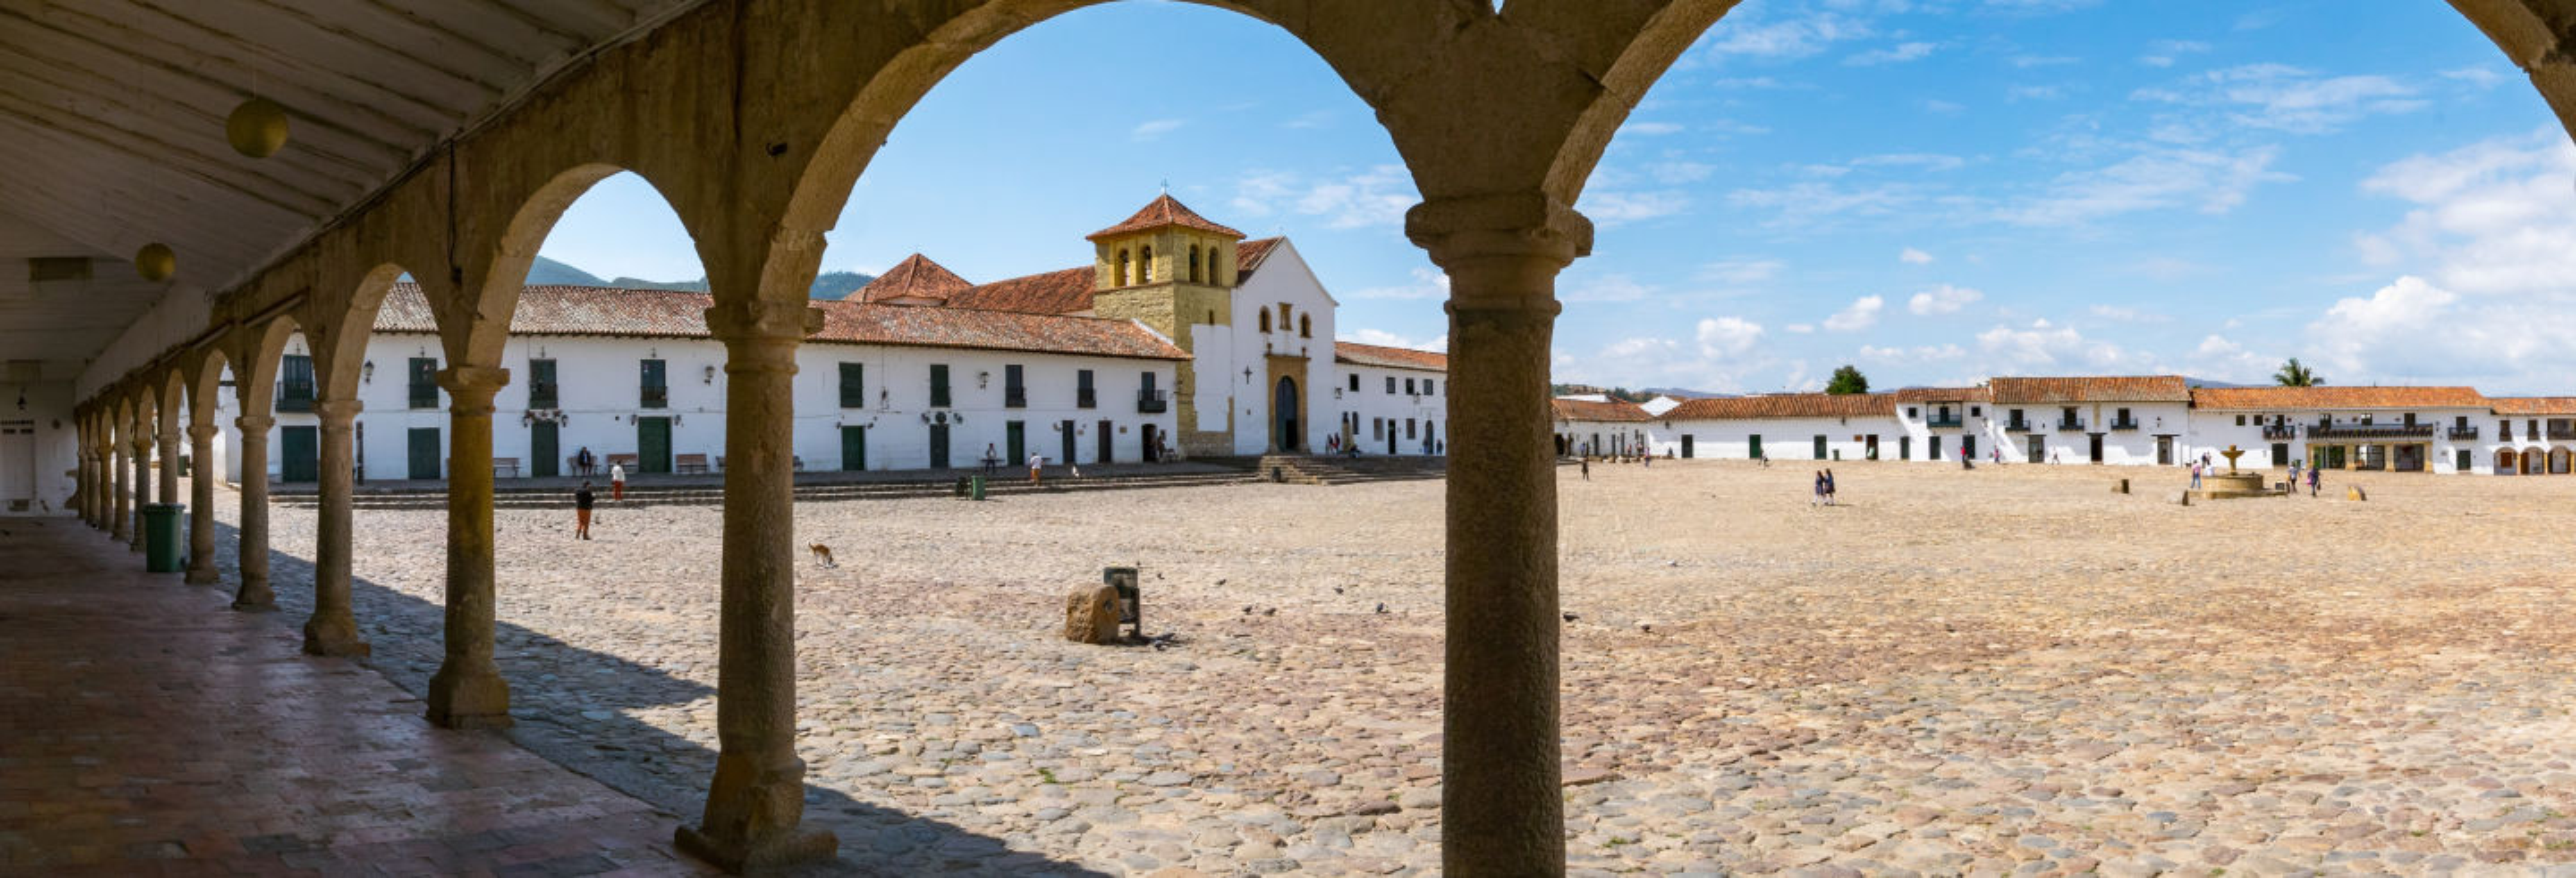 Visita guiada por Villa de Leyva